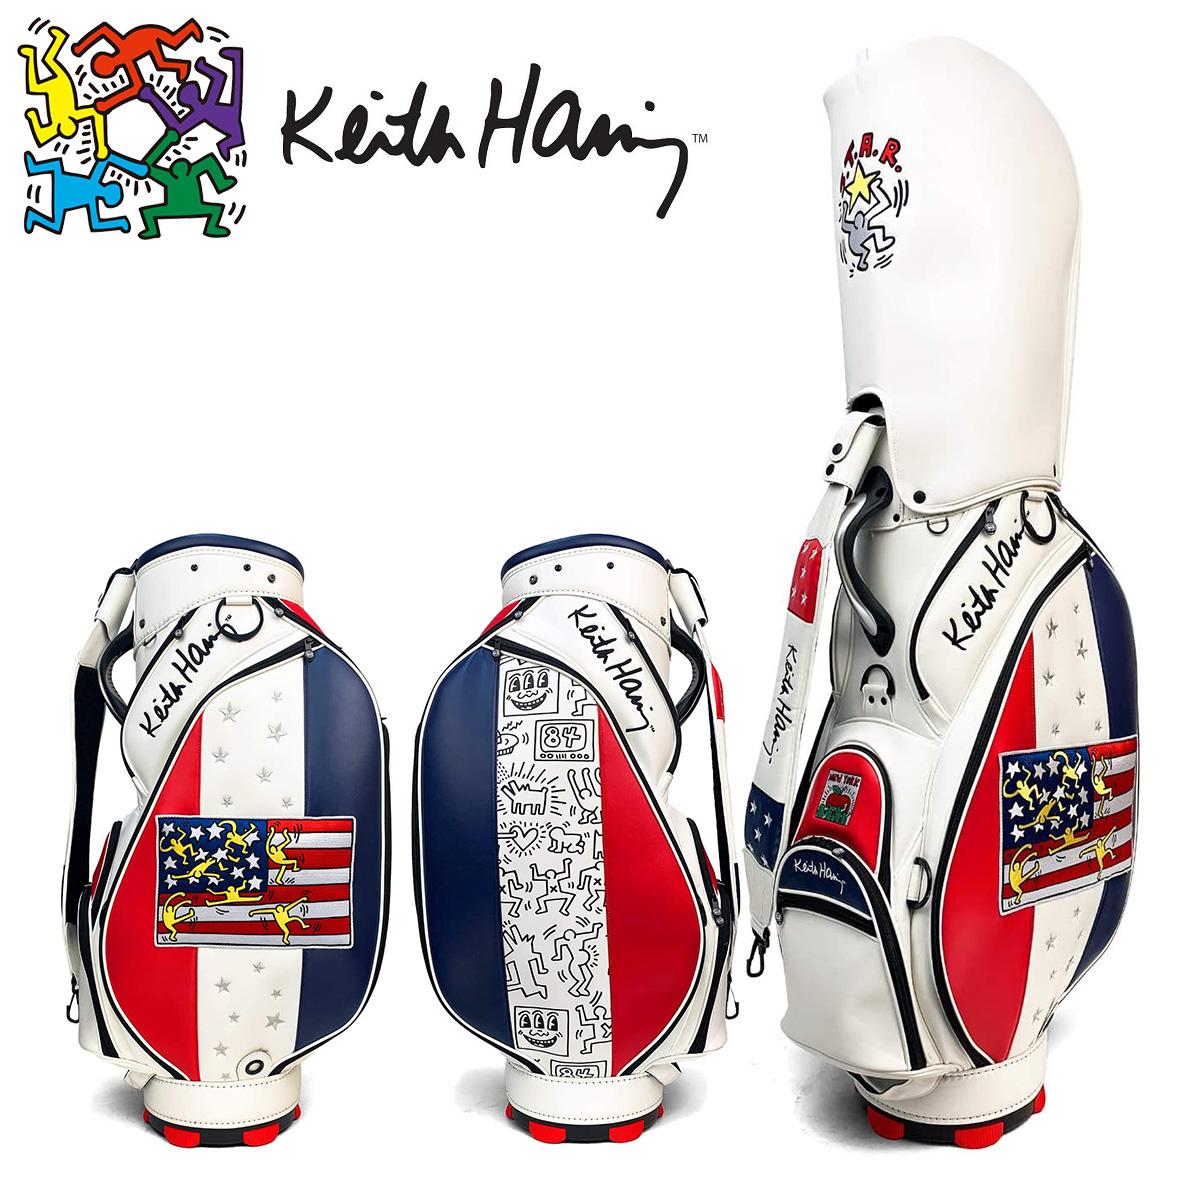 【【最大3300円OFFクーポン】】Keith Haring (キース ヘリング) ゴルフ シグネチャー キャディバッグ American flag × Pattern 2020新製品 「KHCB-04」 【あす楽対応】